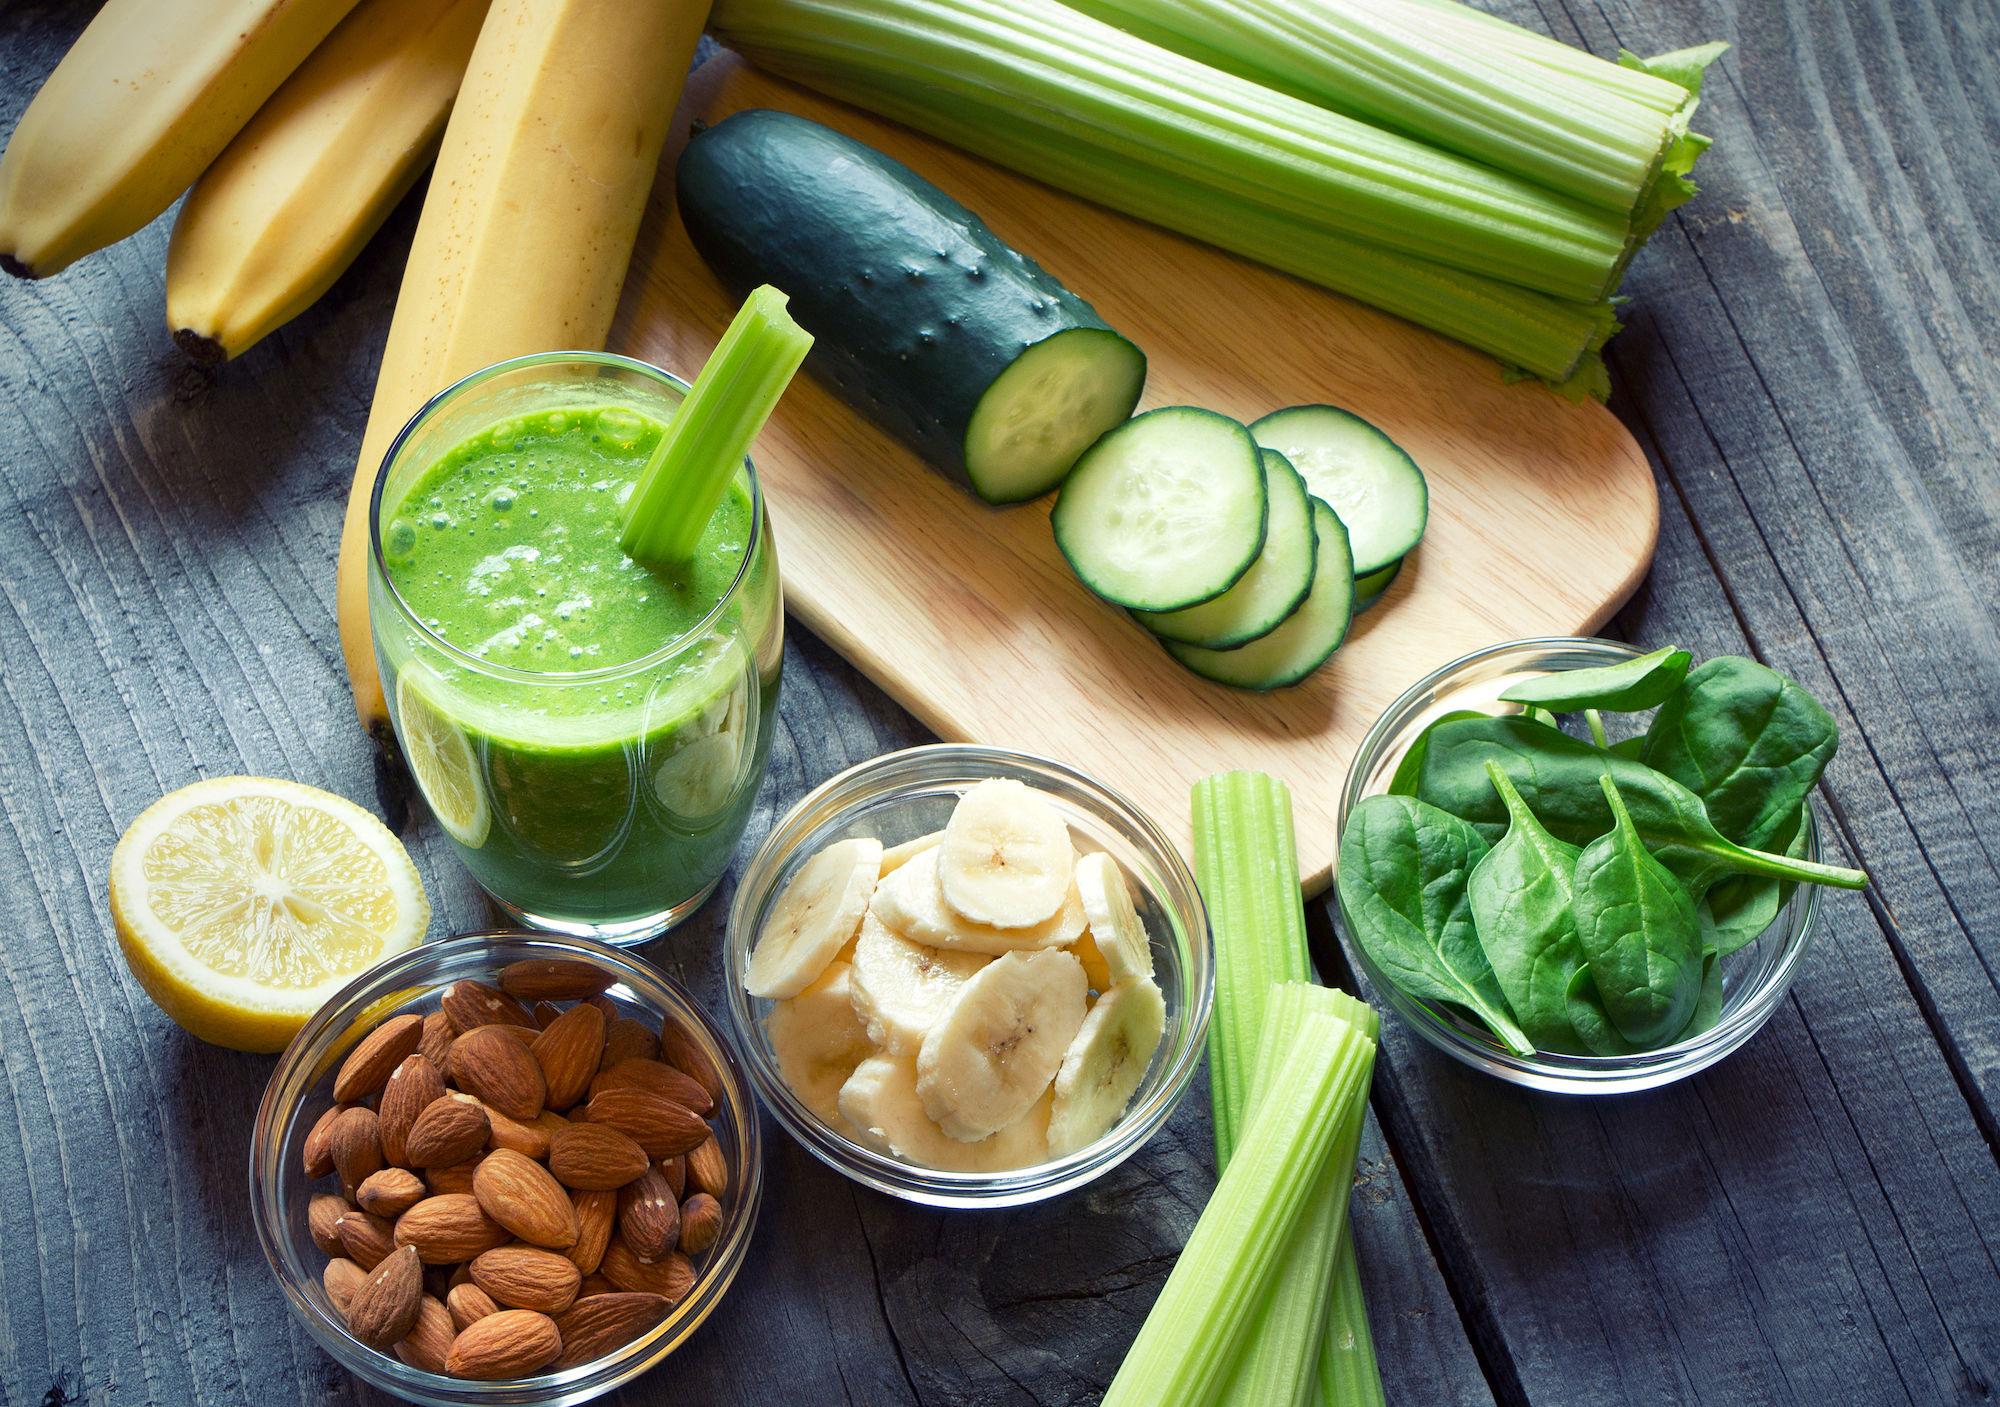 Protizánětlivá strava podporuje naše celkové zdraví